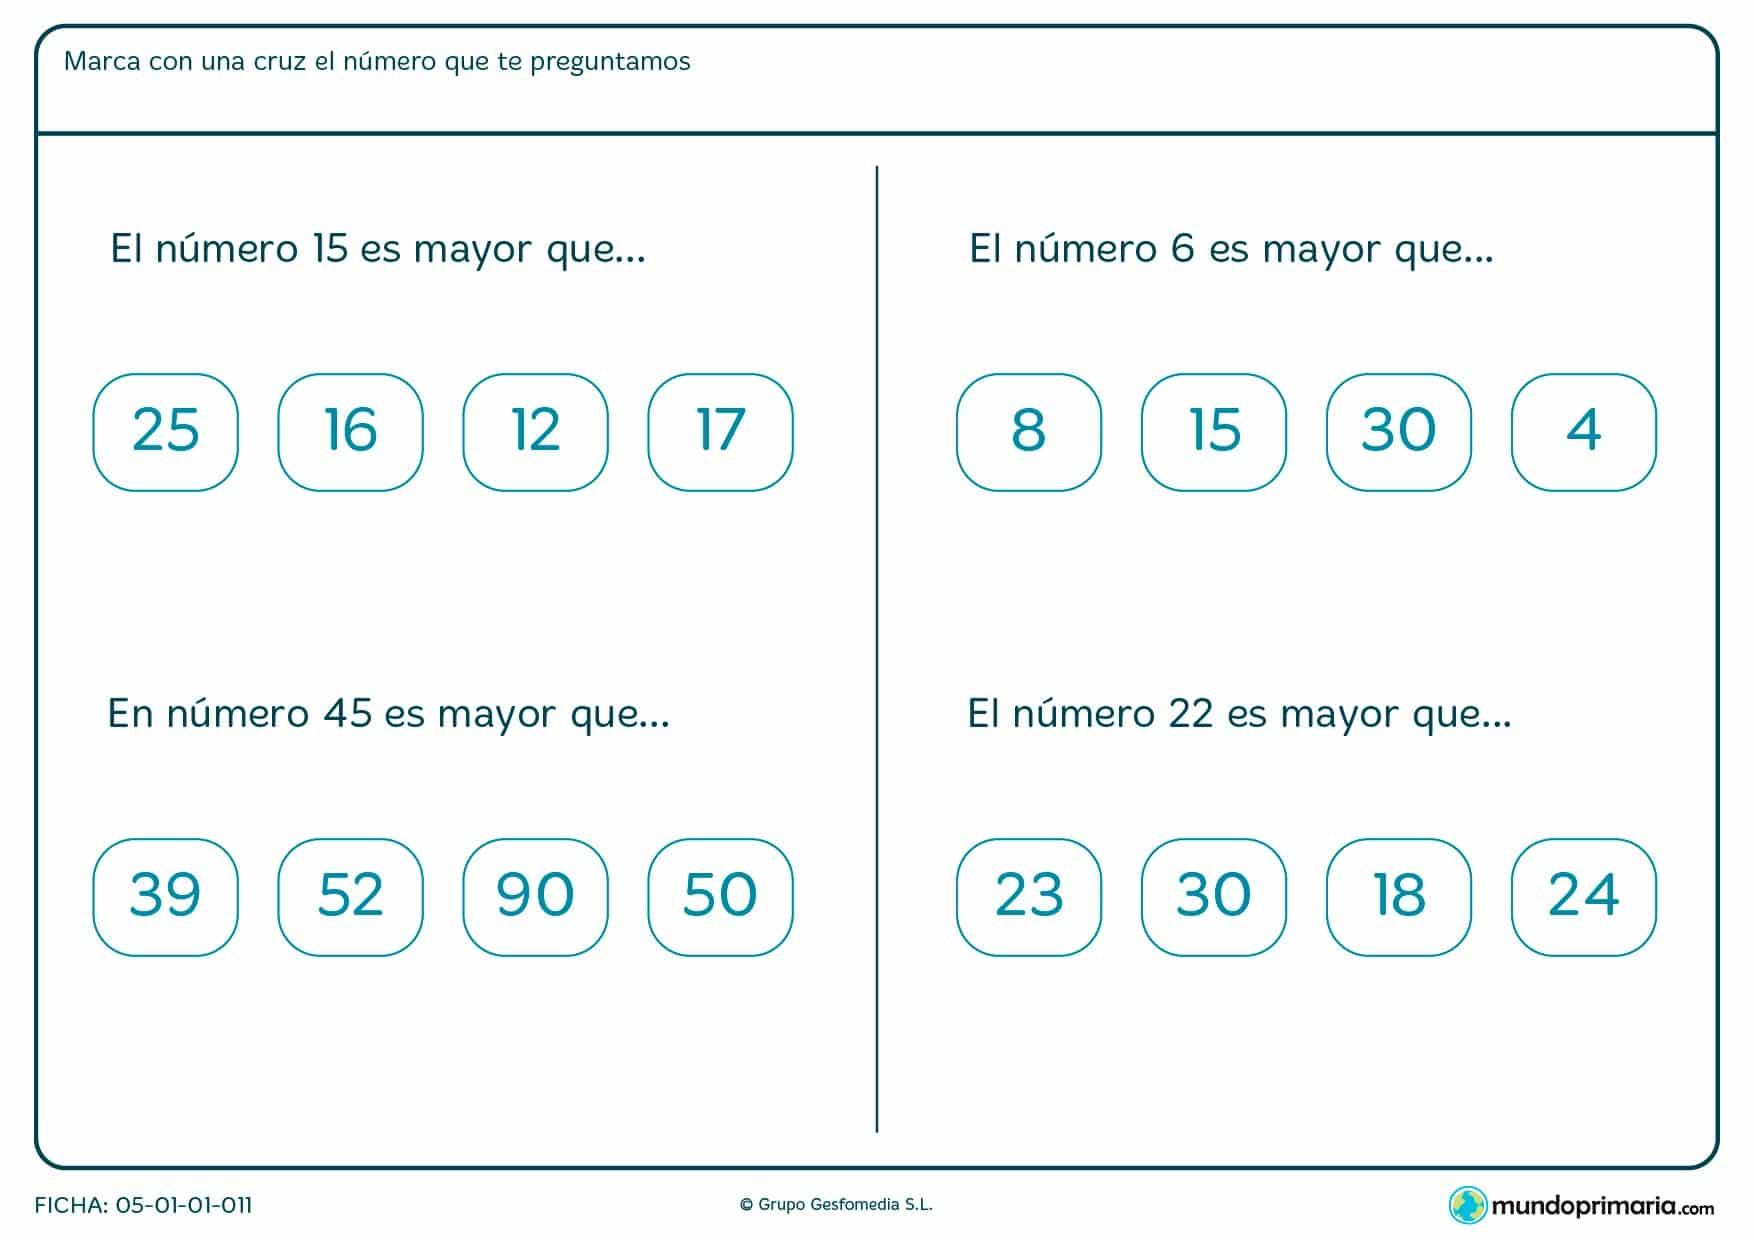 Ficha de el número es mayor que, en la que has de encontrar de los cuatro cuál es mayor que el del enunciado.